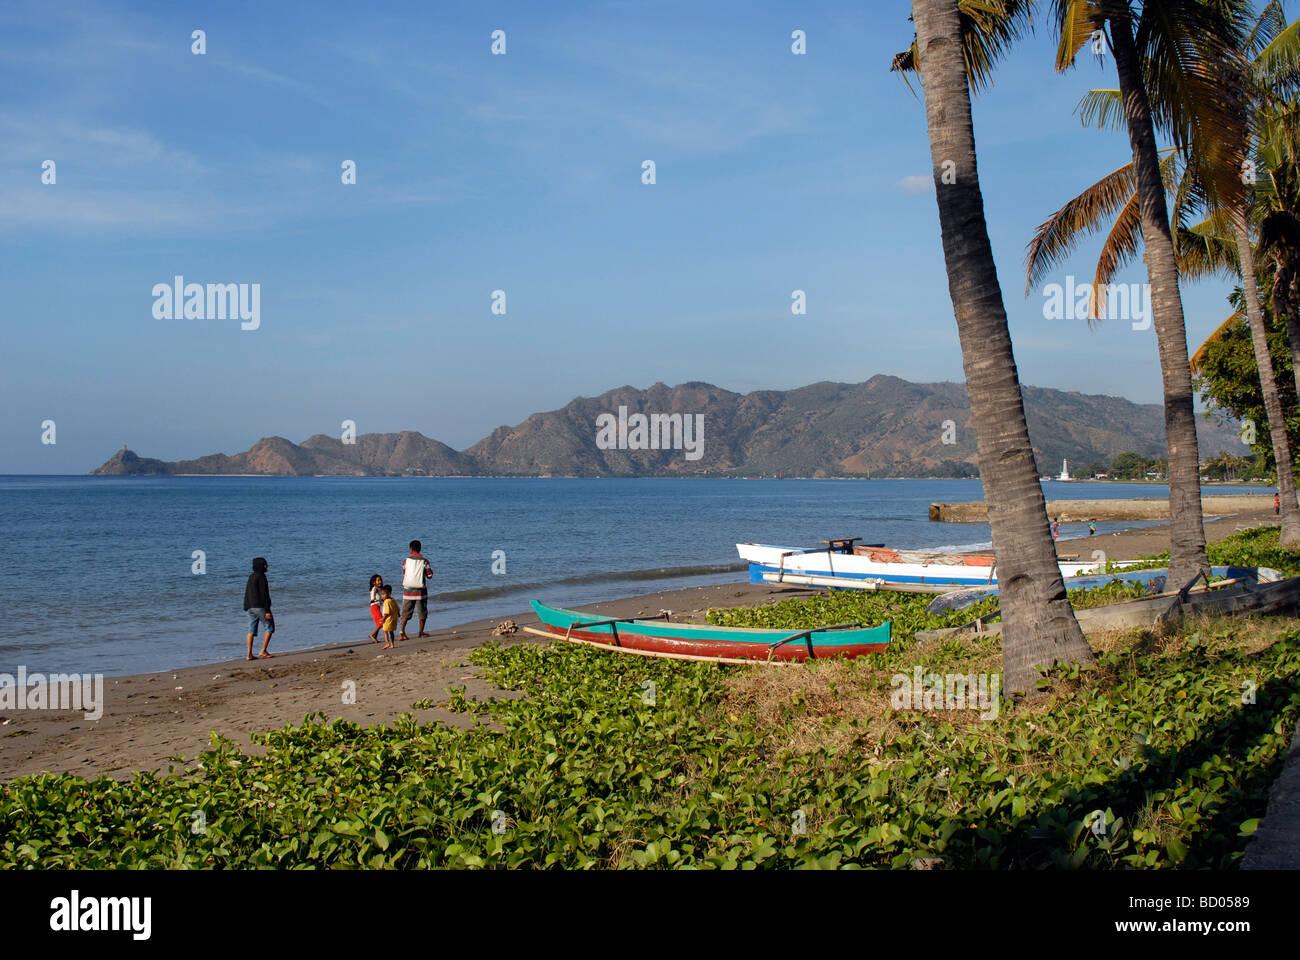 Une famille promenade le long de la plage de Dili, capitale du Timor Leste Banque D'Images